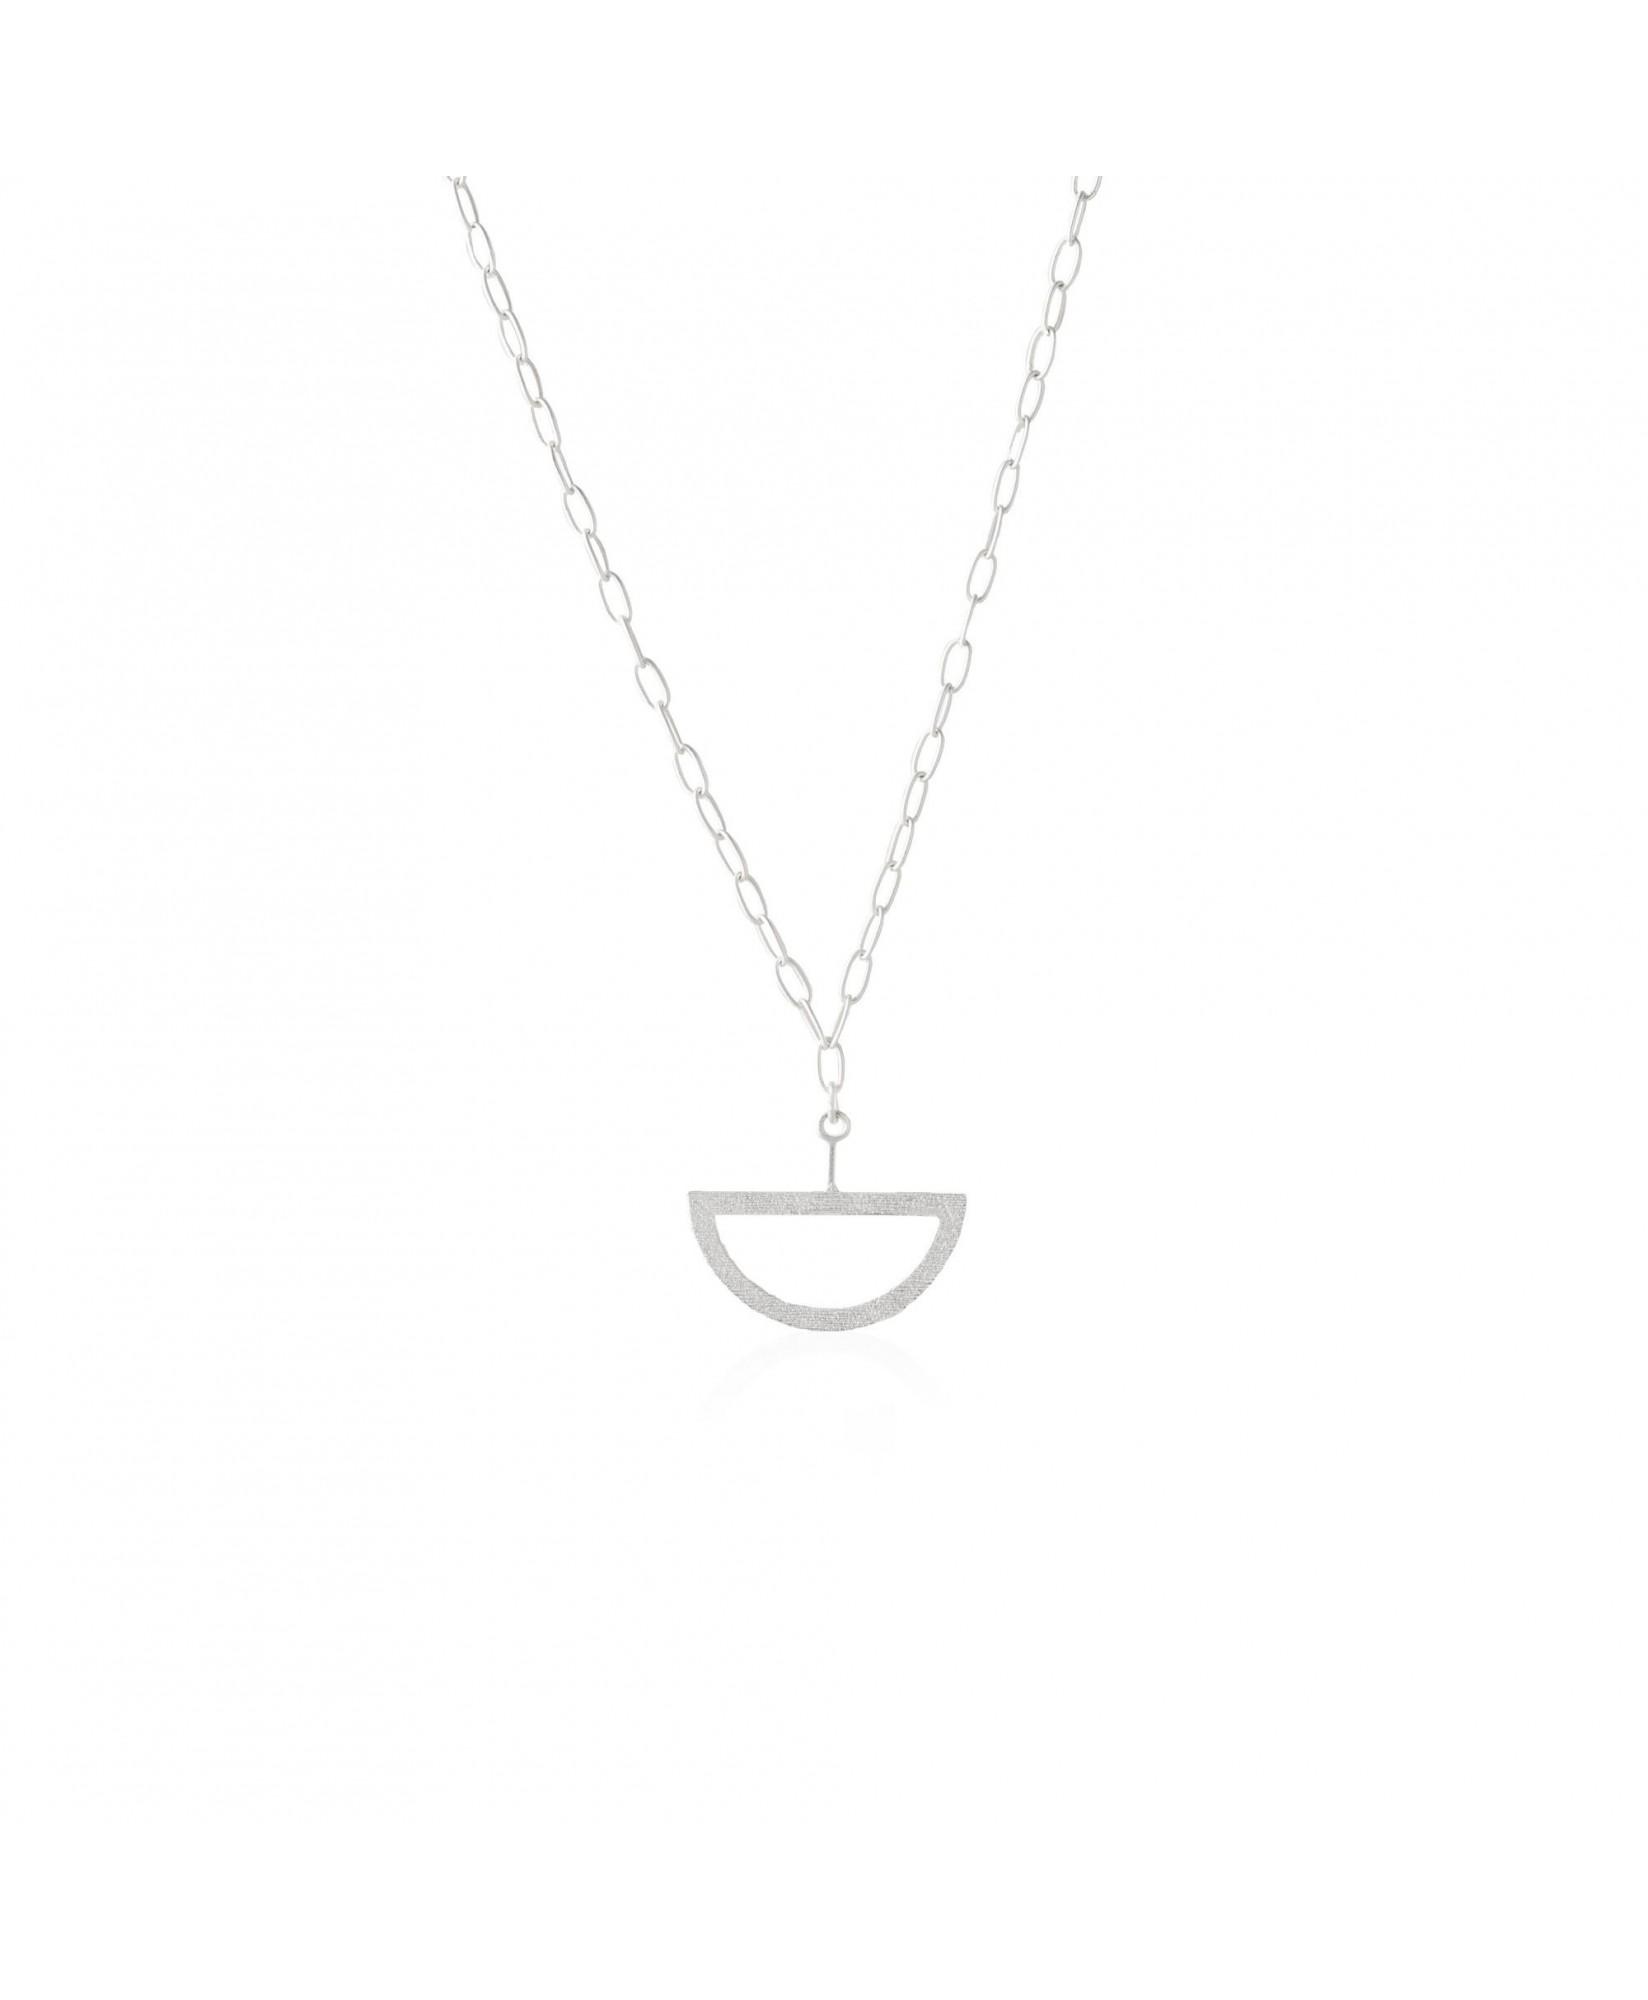 Collar de plata con colgante semicircular Balancín Collar de plata con colgante semicircular Balancín